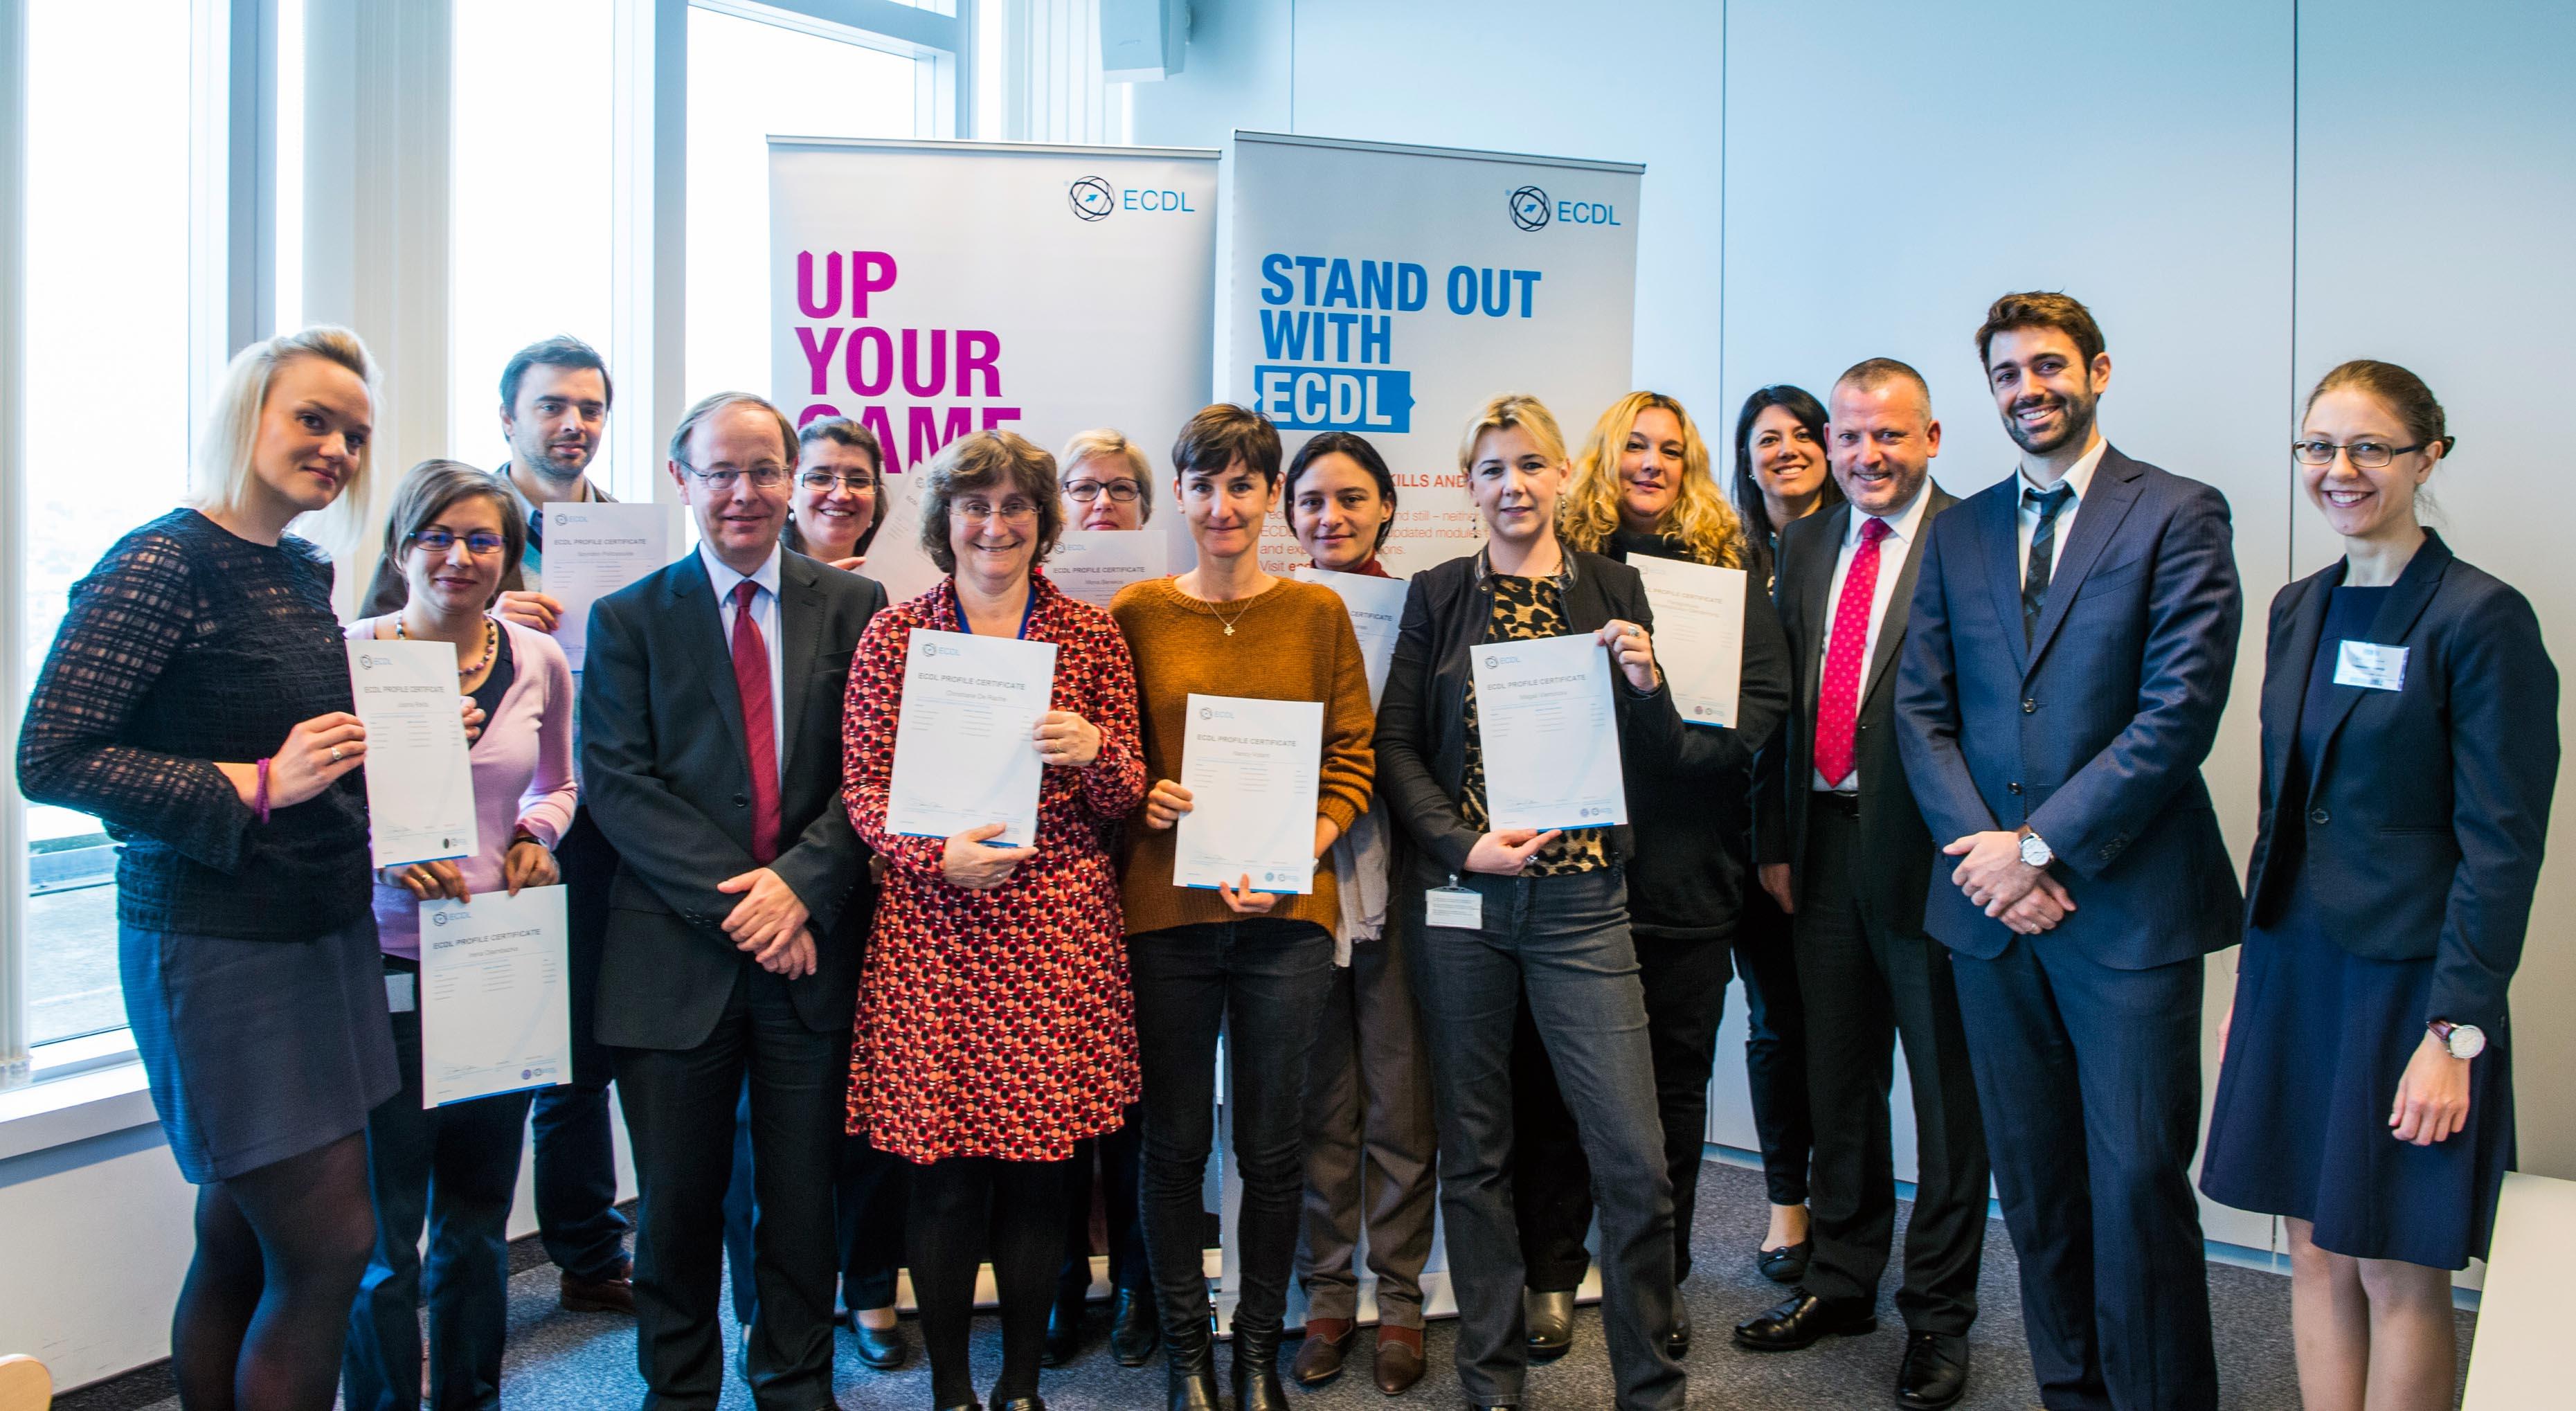 KandidatInnen der EU Kommission erhalten ECDL Zertifikate